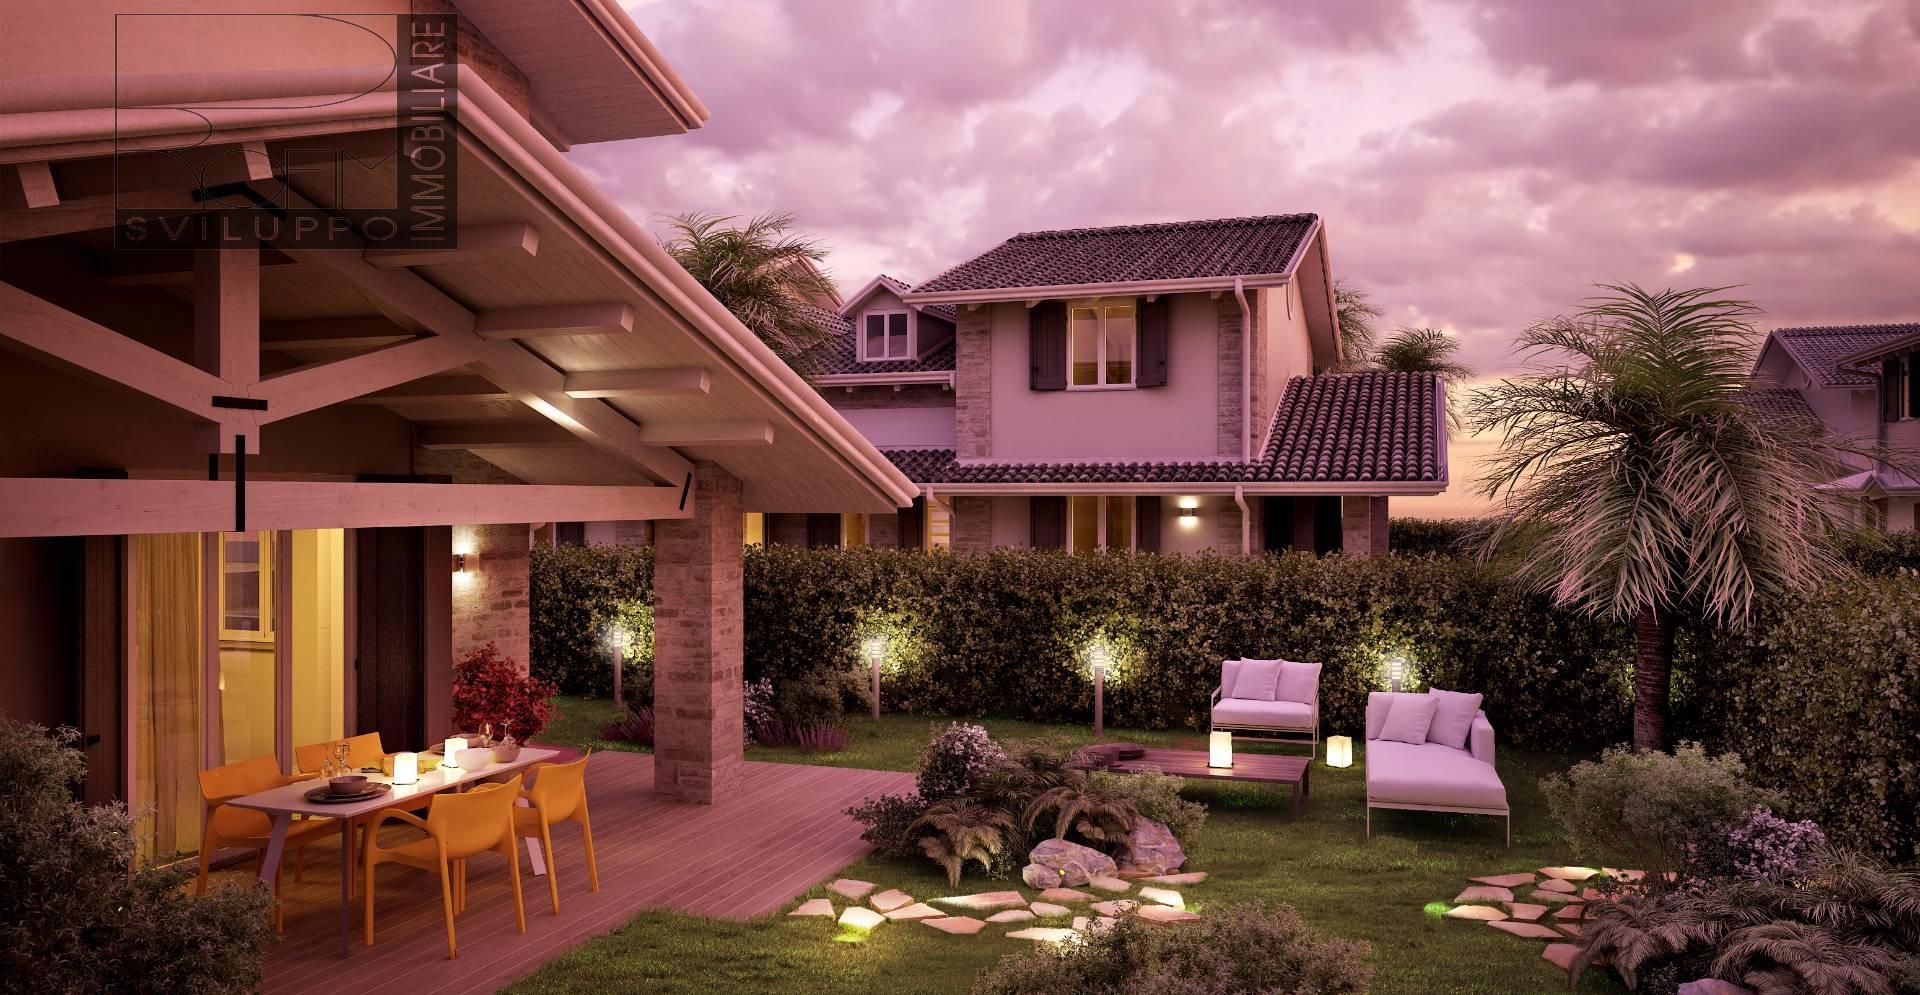 Villa bifamiliare in vendita a spino d 39 adda cod cc 2 double for Mercatone dell arredamento spino d adda